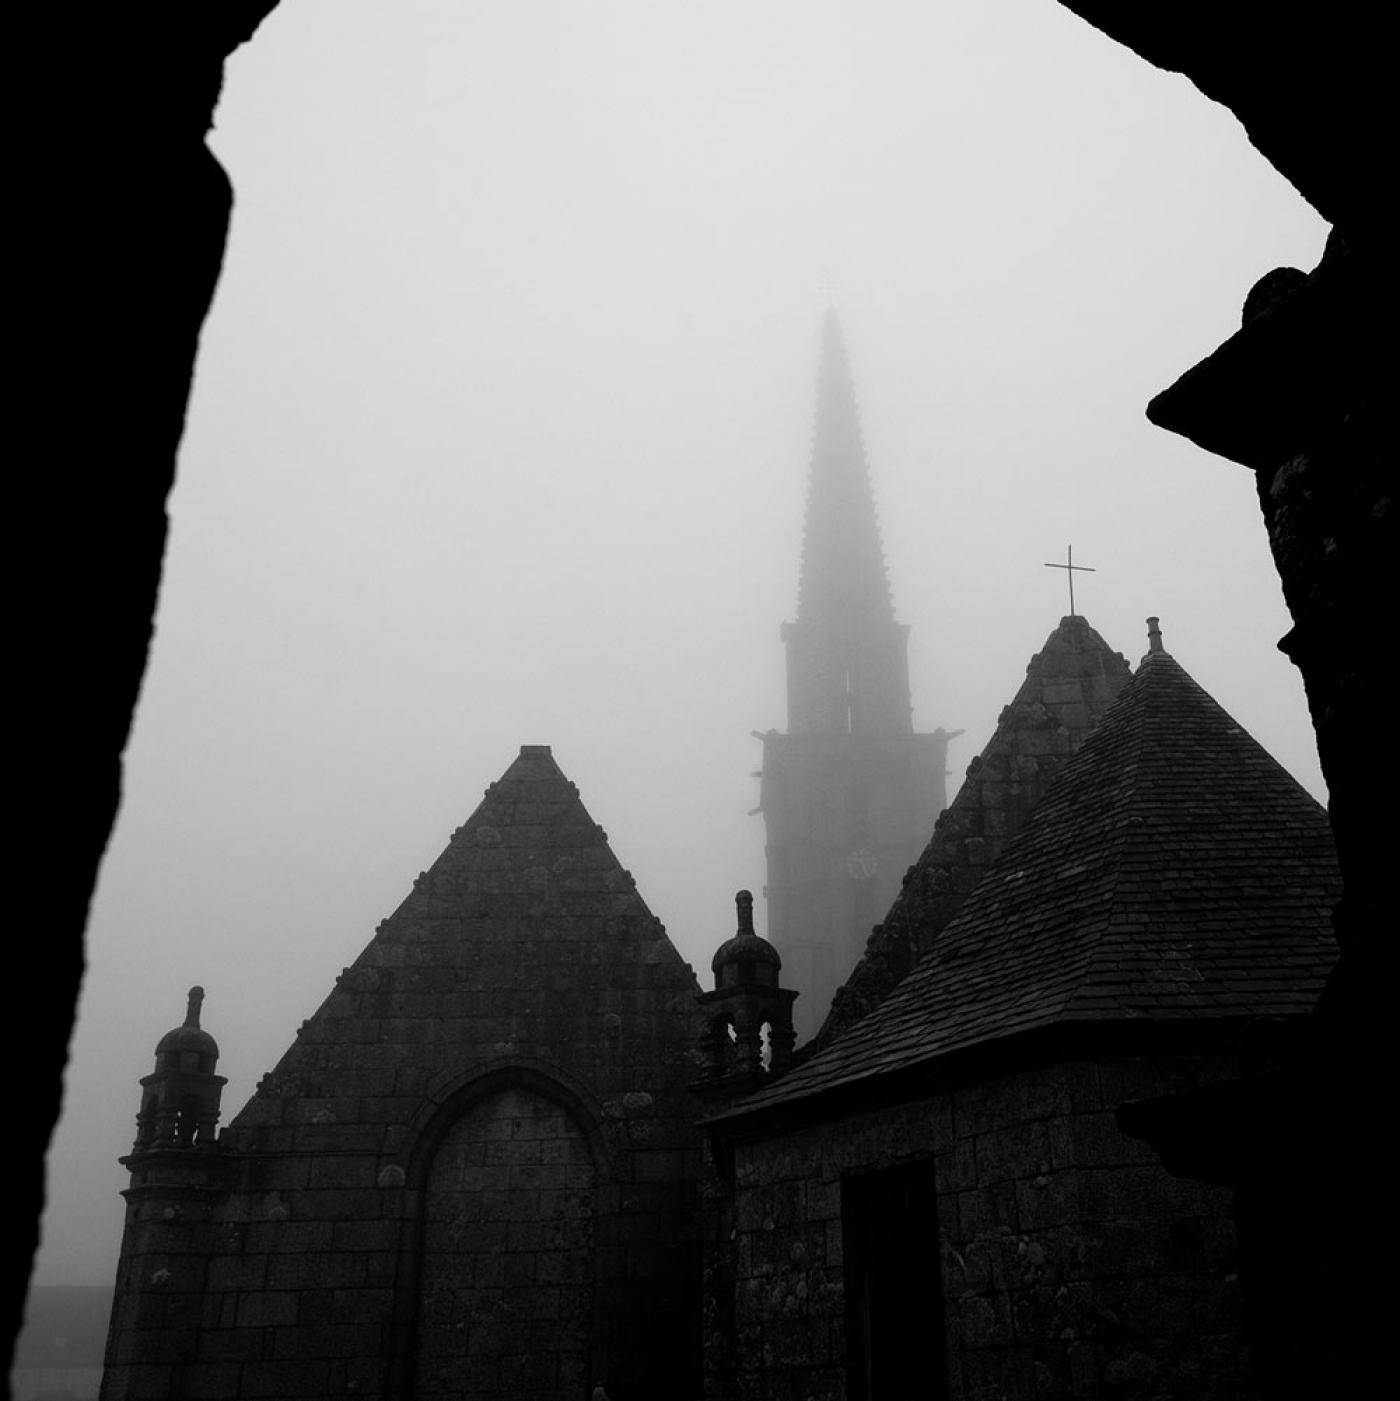 http://www.ericmalemanche.com/imagess/topics/les-bretons-de-l-argoat/liste/Monts-arree-08.jpg